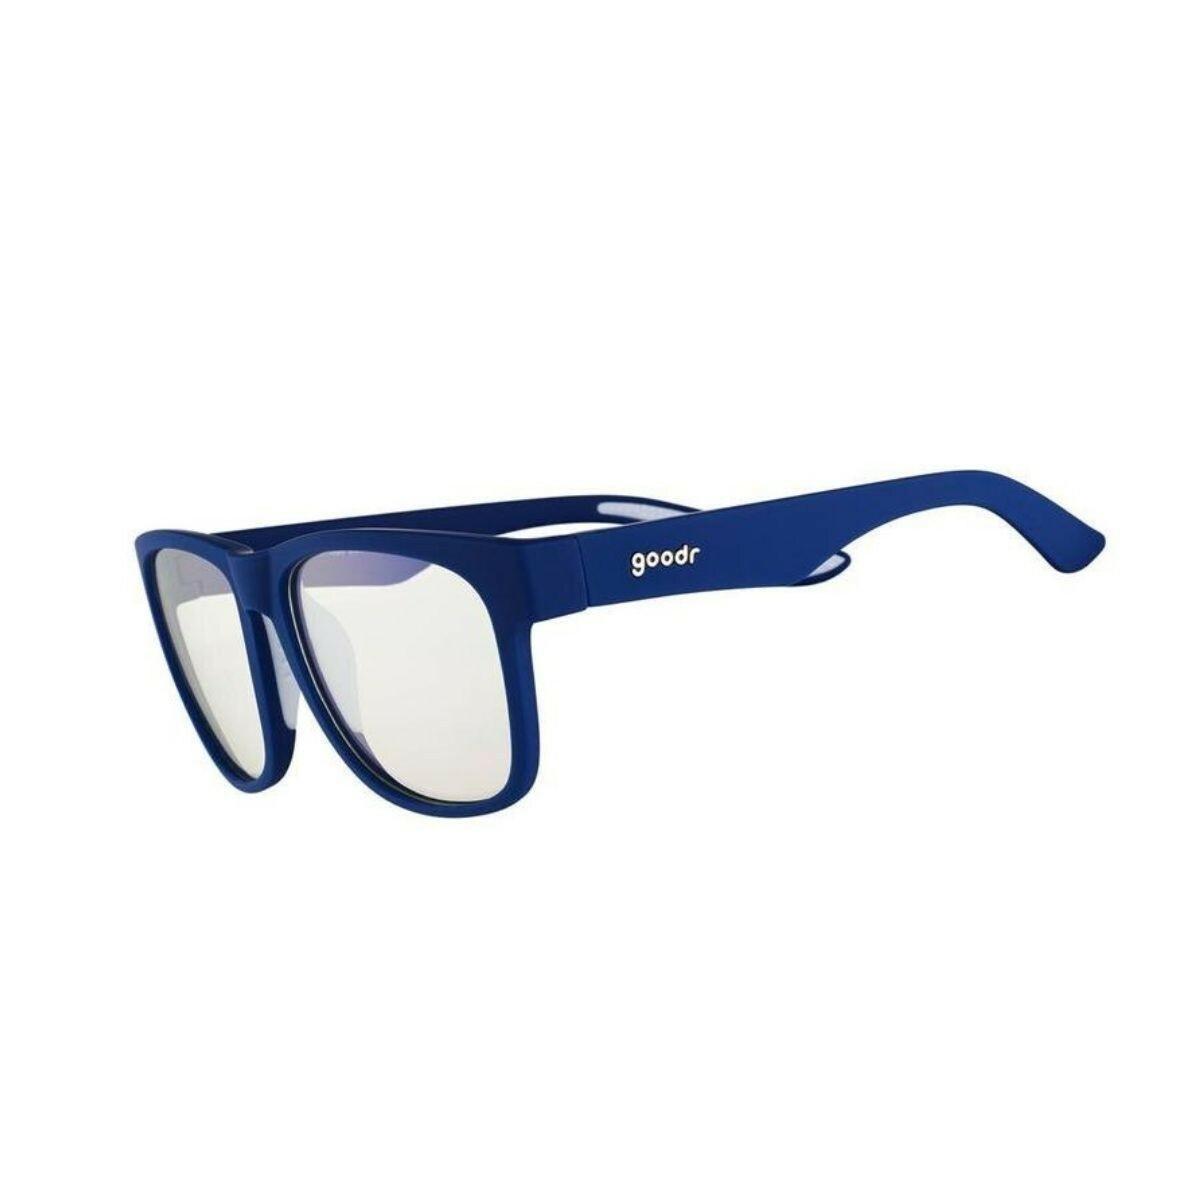 oculos-u-goodr-bfg-its-not-just-a-game-bfg-bl-cl1-blb-principal